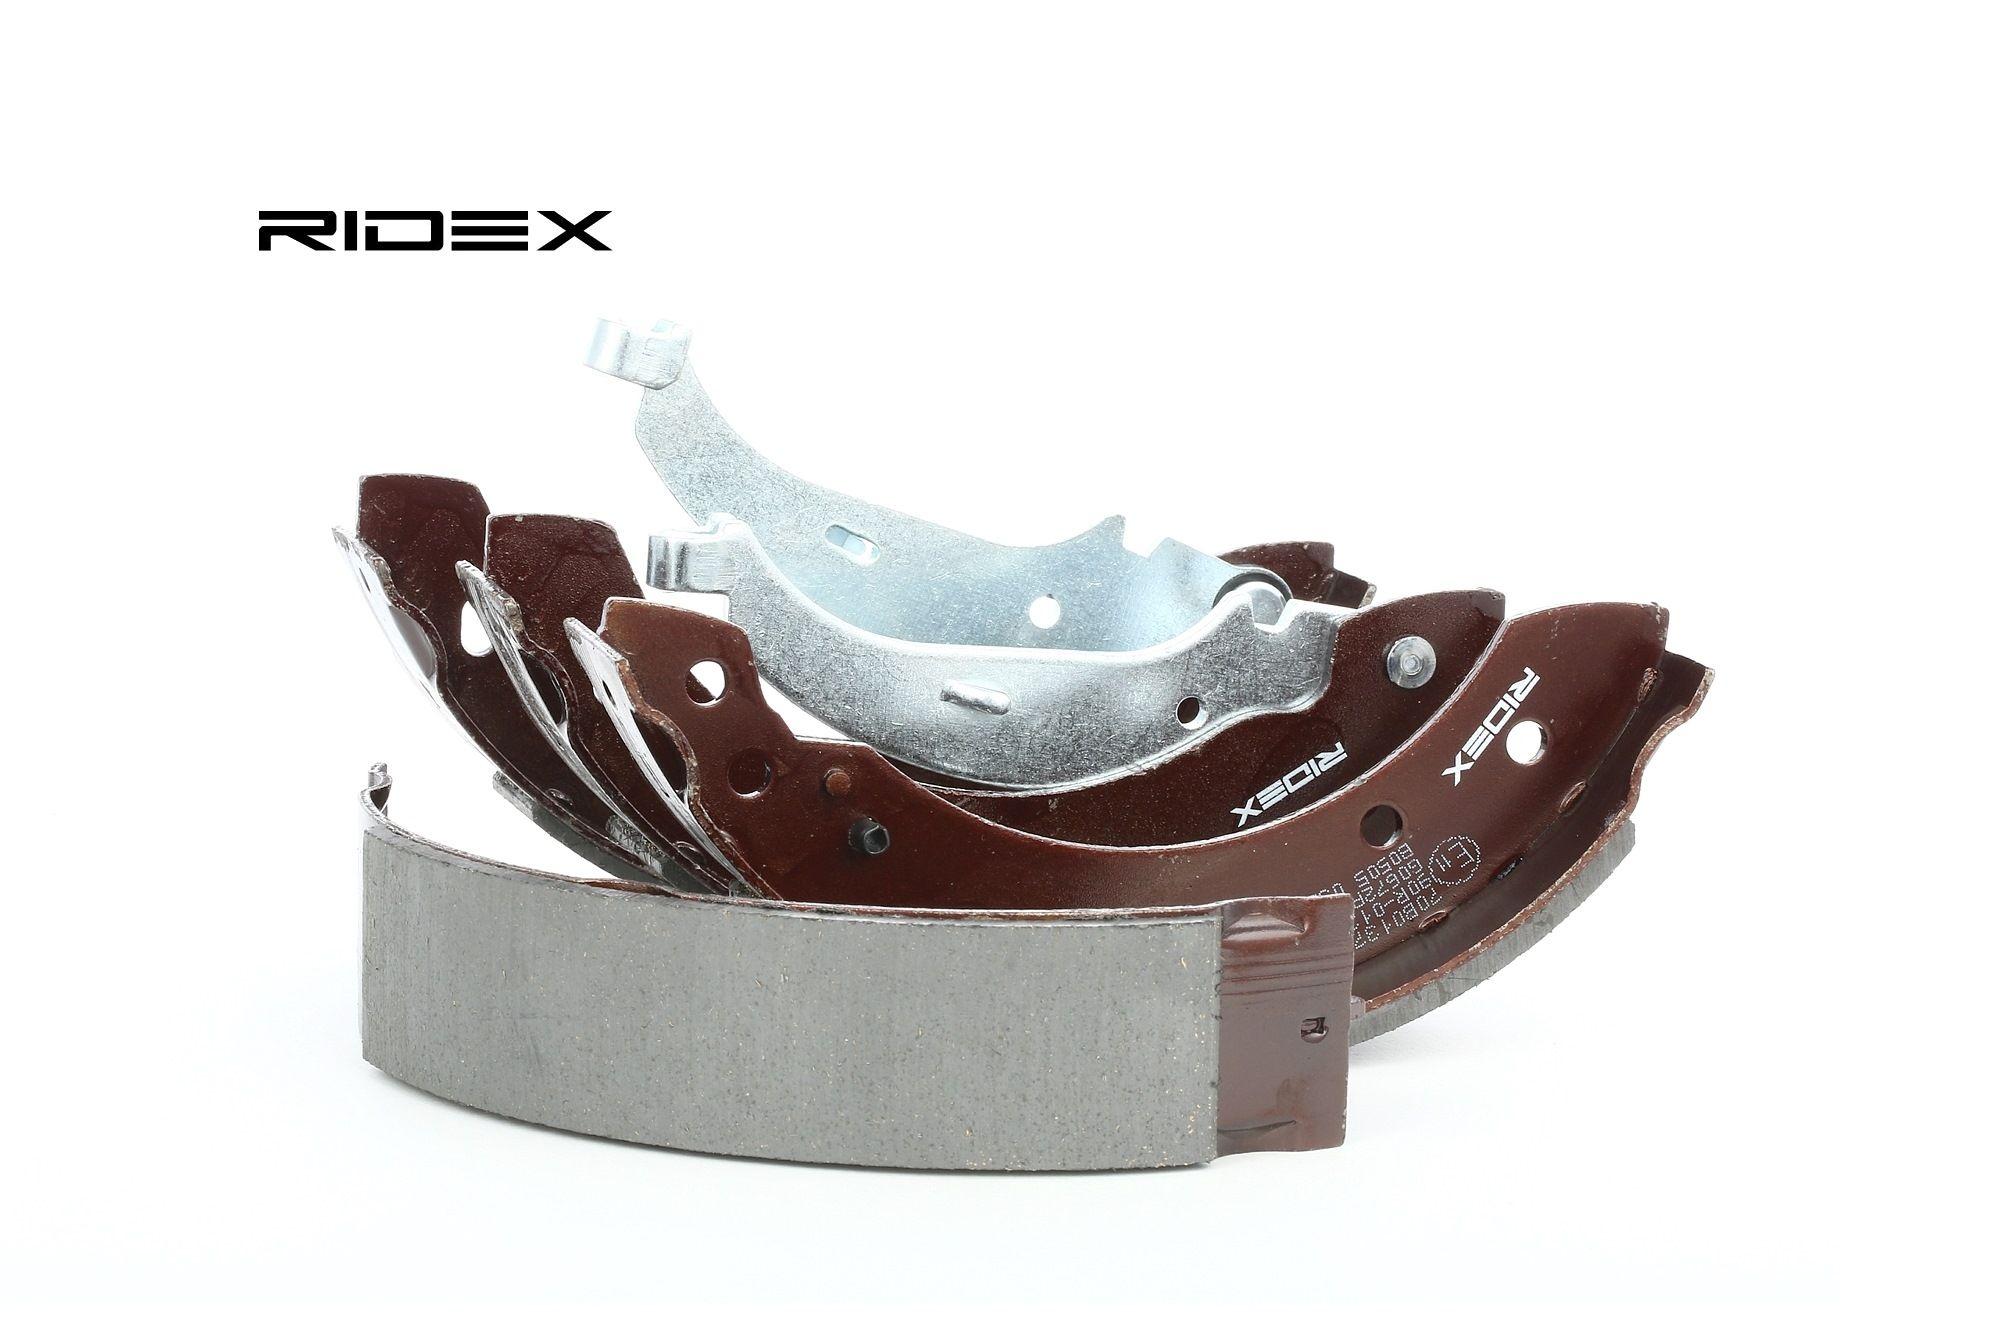 RIDEX: Original Bremsbacken für Trommelbremse 70B0137 (Breite: 38mm)